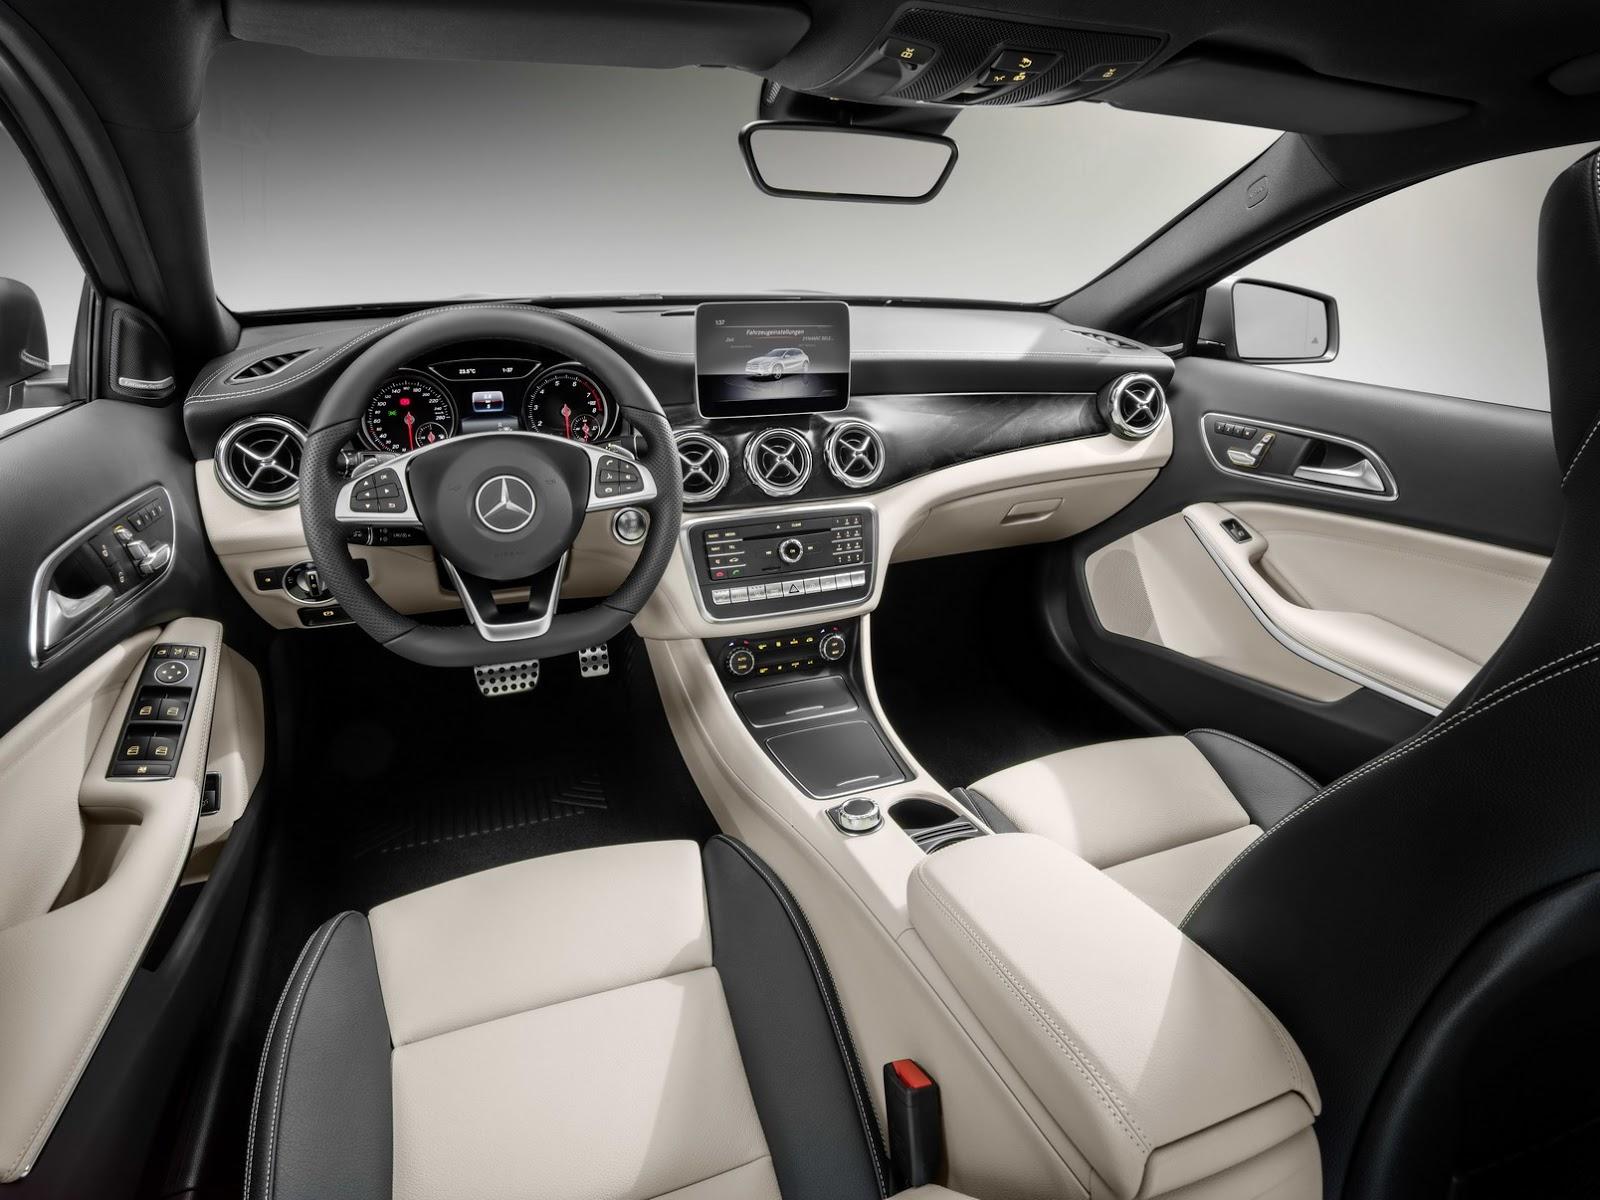 Mercedes GLA facelift and GLA 45 AMG facelift 2017 (62)